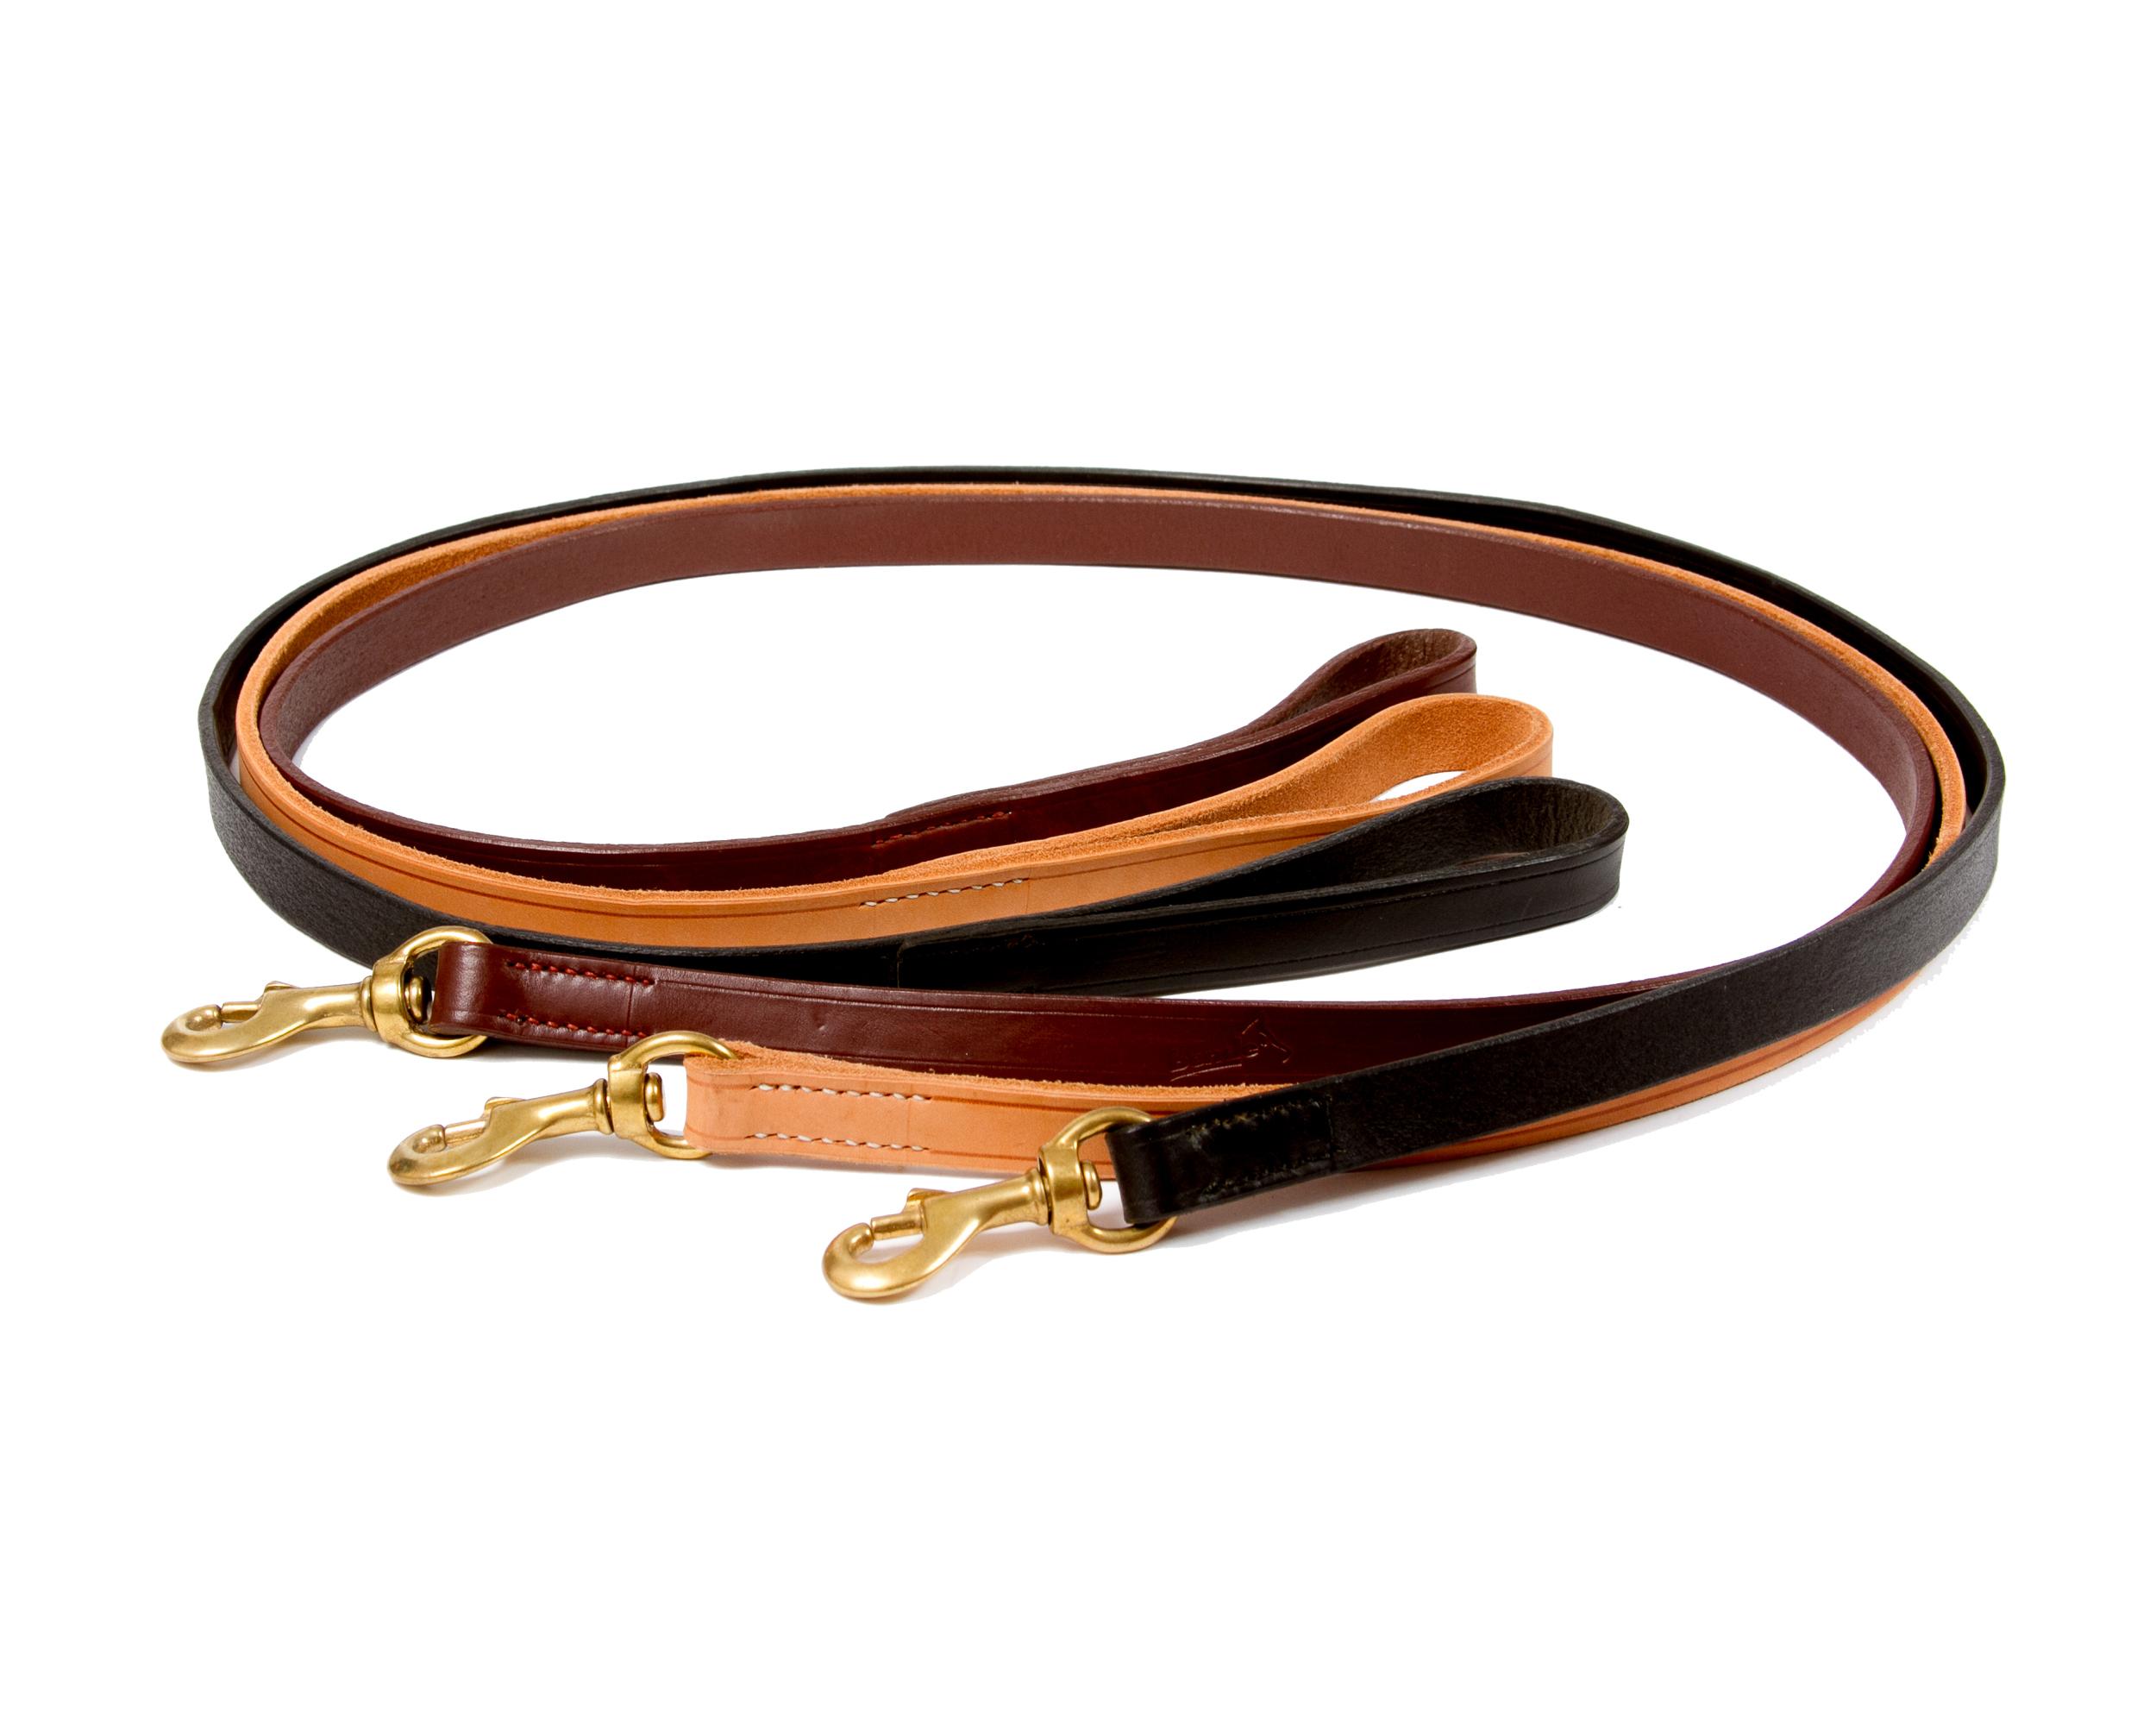 Lesa din piele cu dimensiunile de 16 X 100 mm , cu carabina din alama , culoare neagra sau maro, XA161012